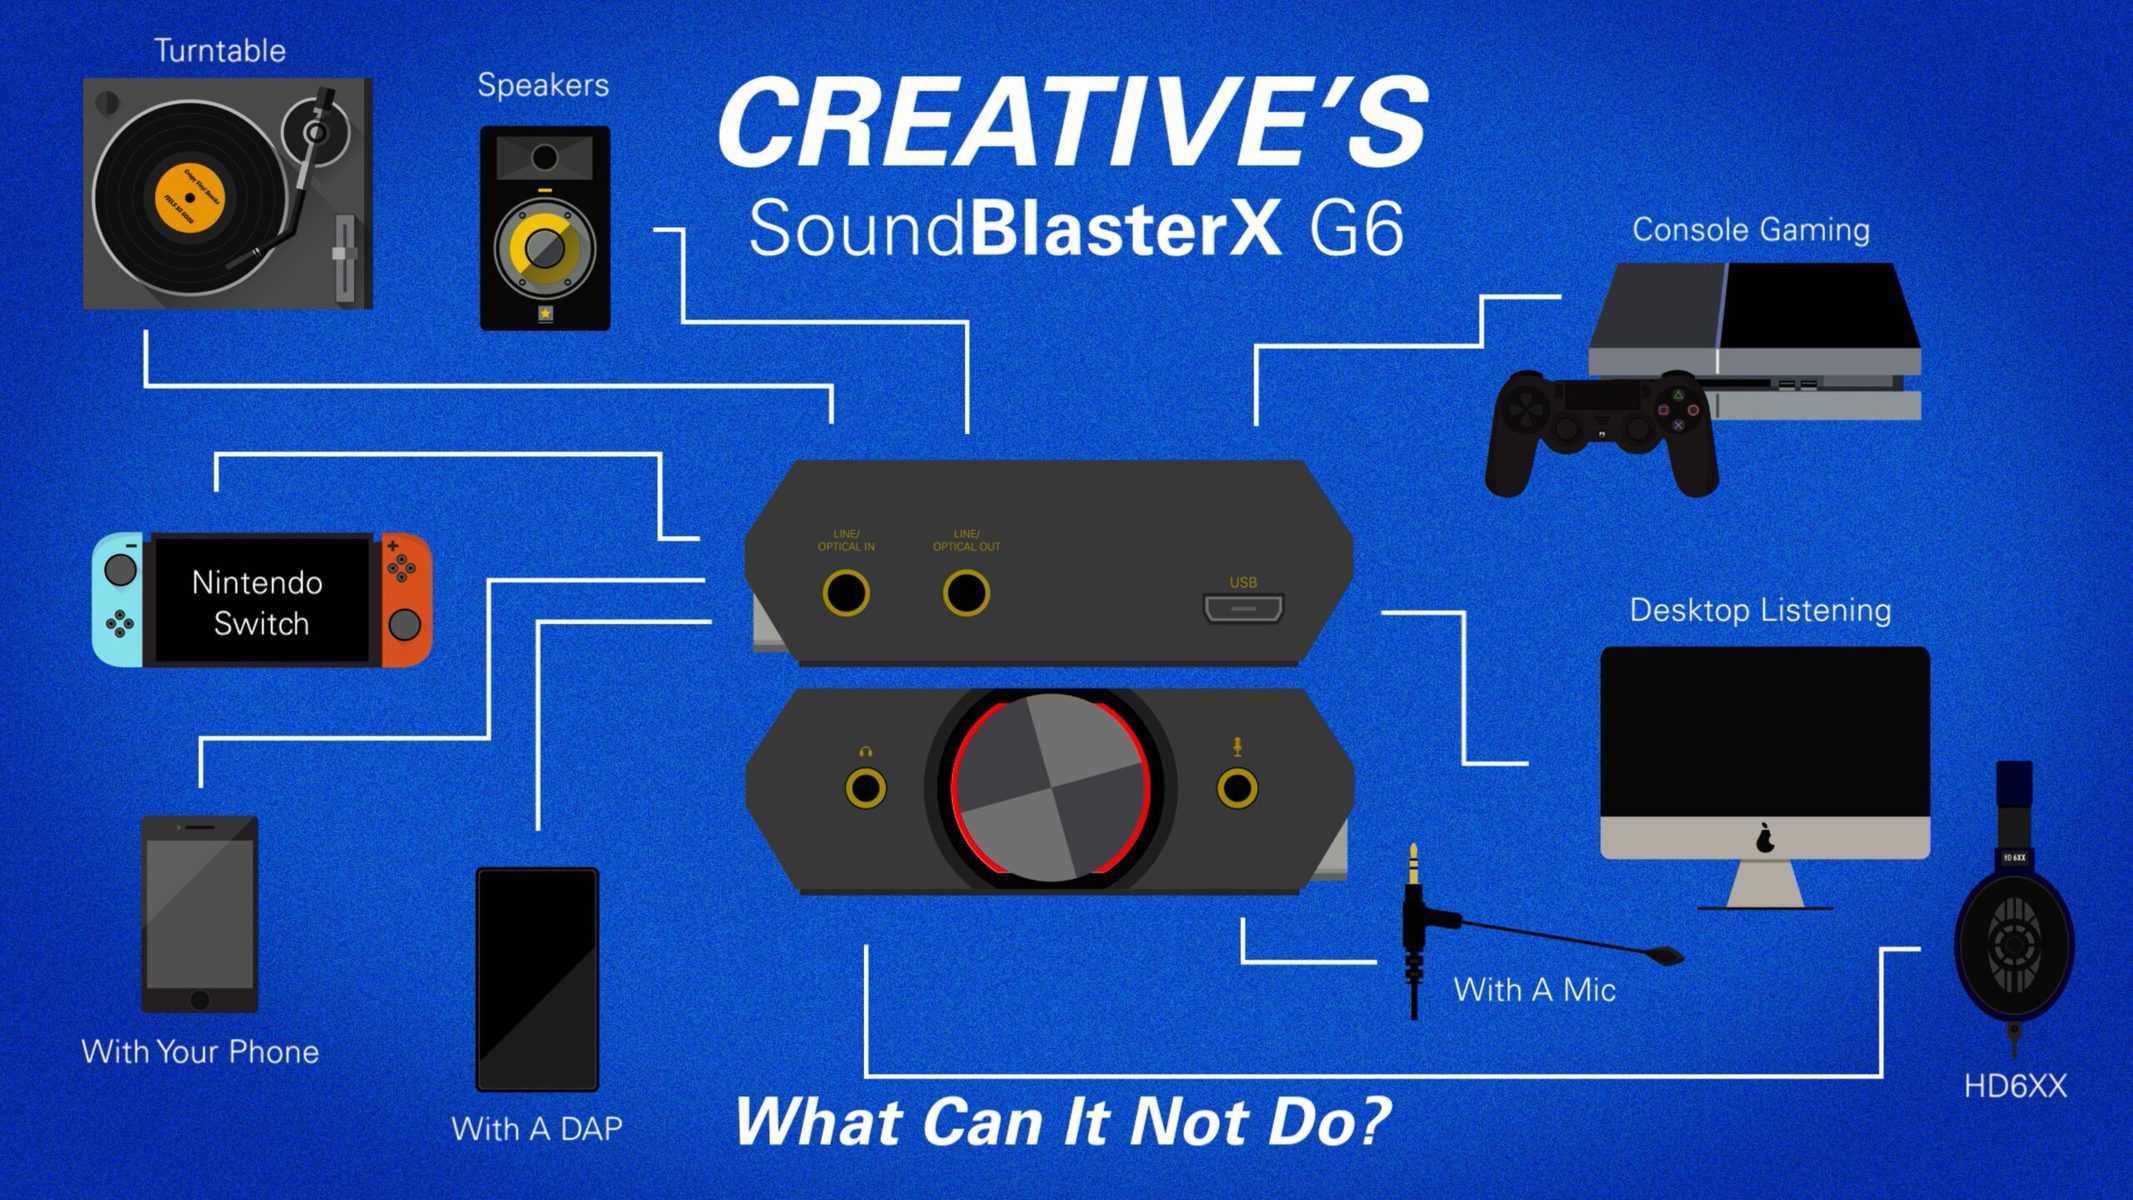 Creative SoundBlasterX G6